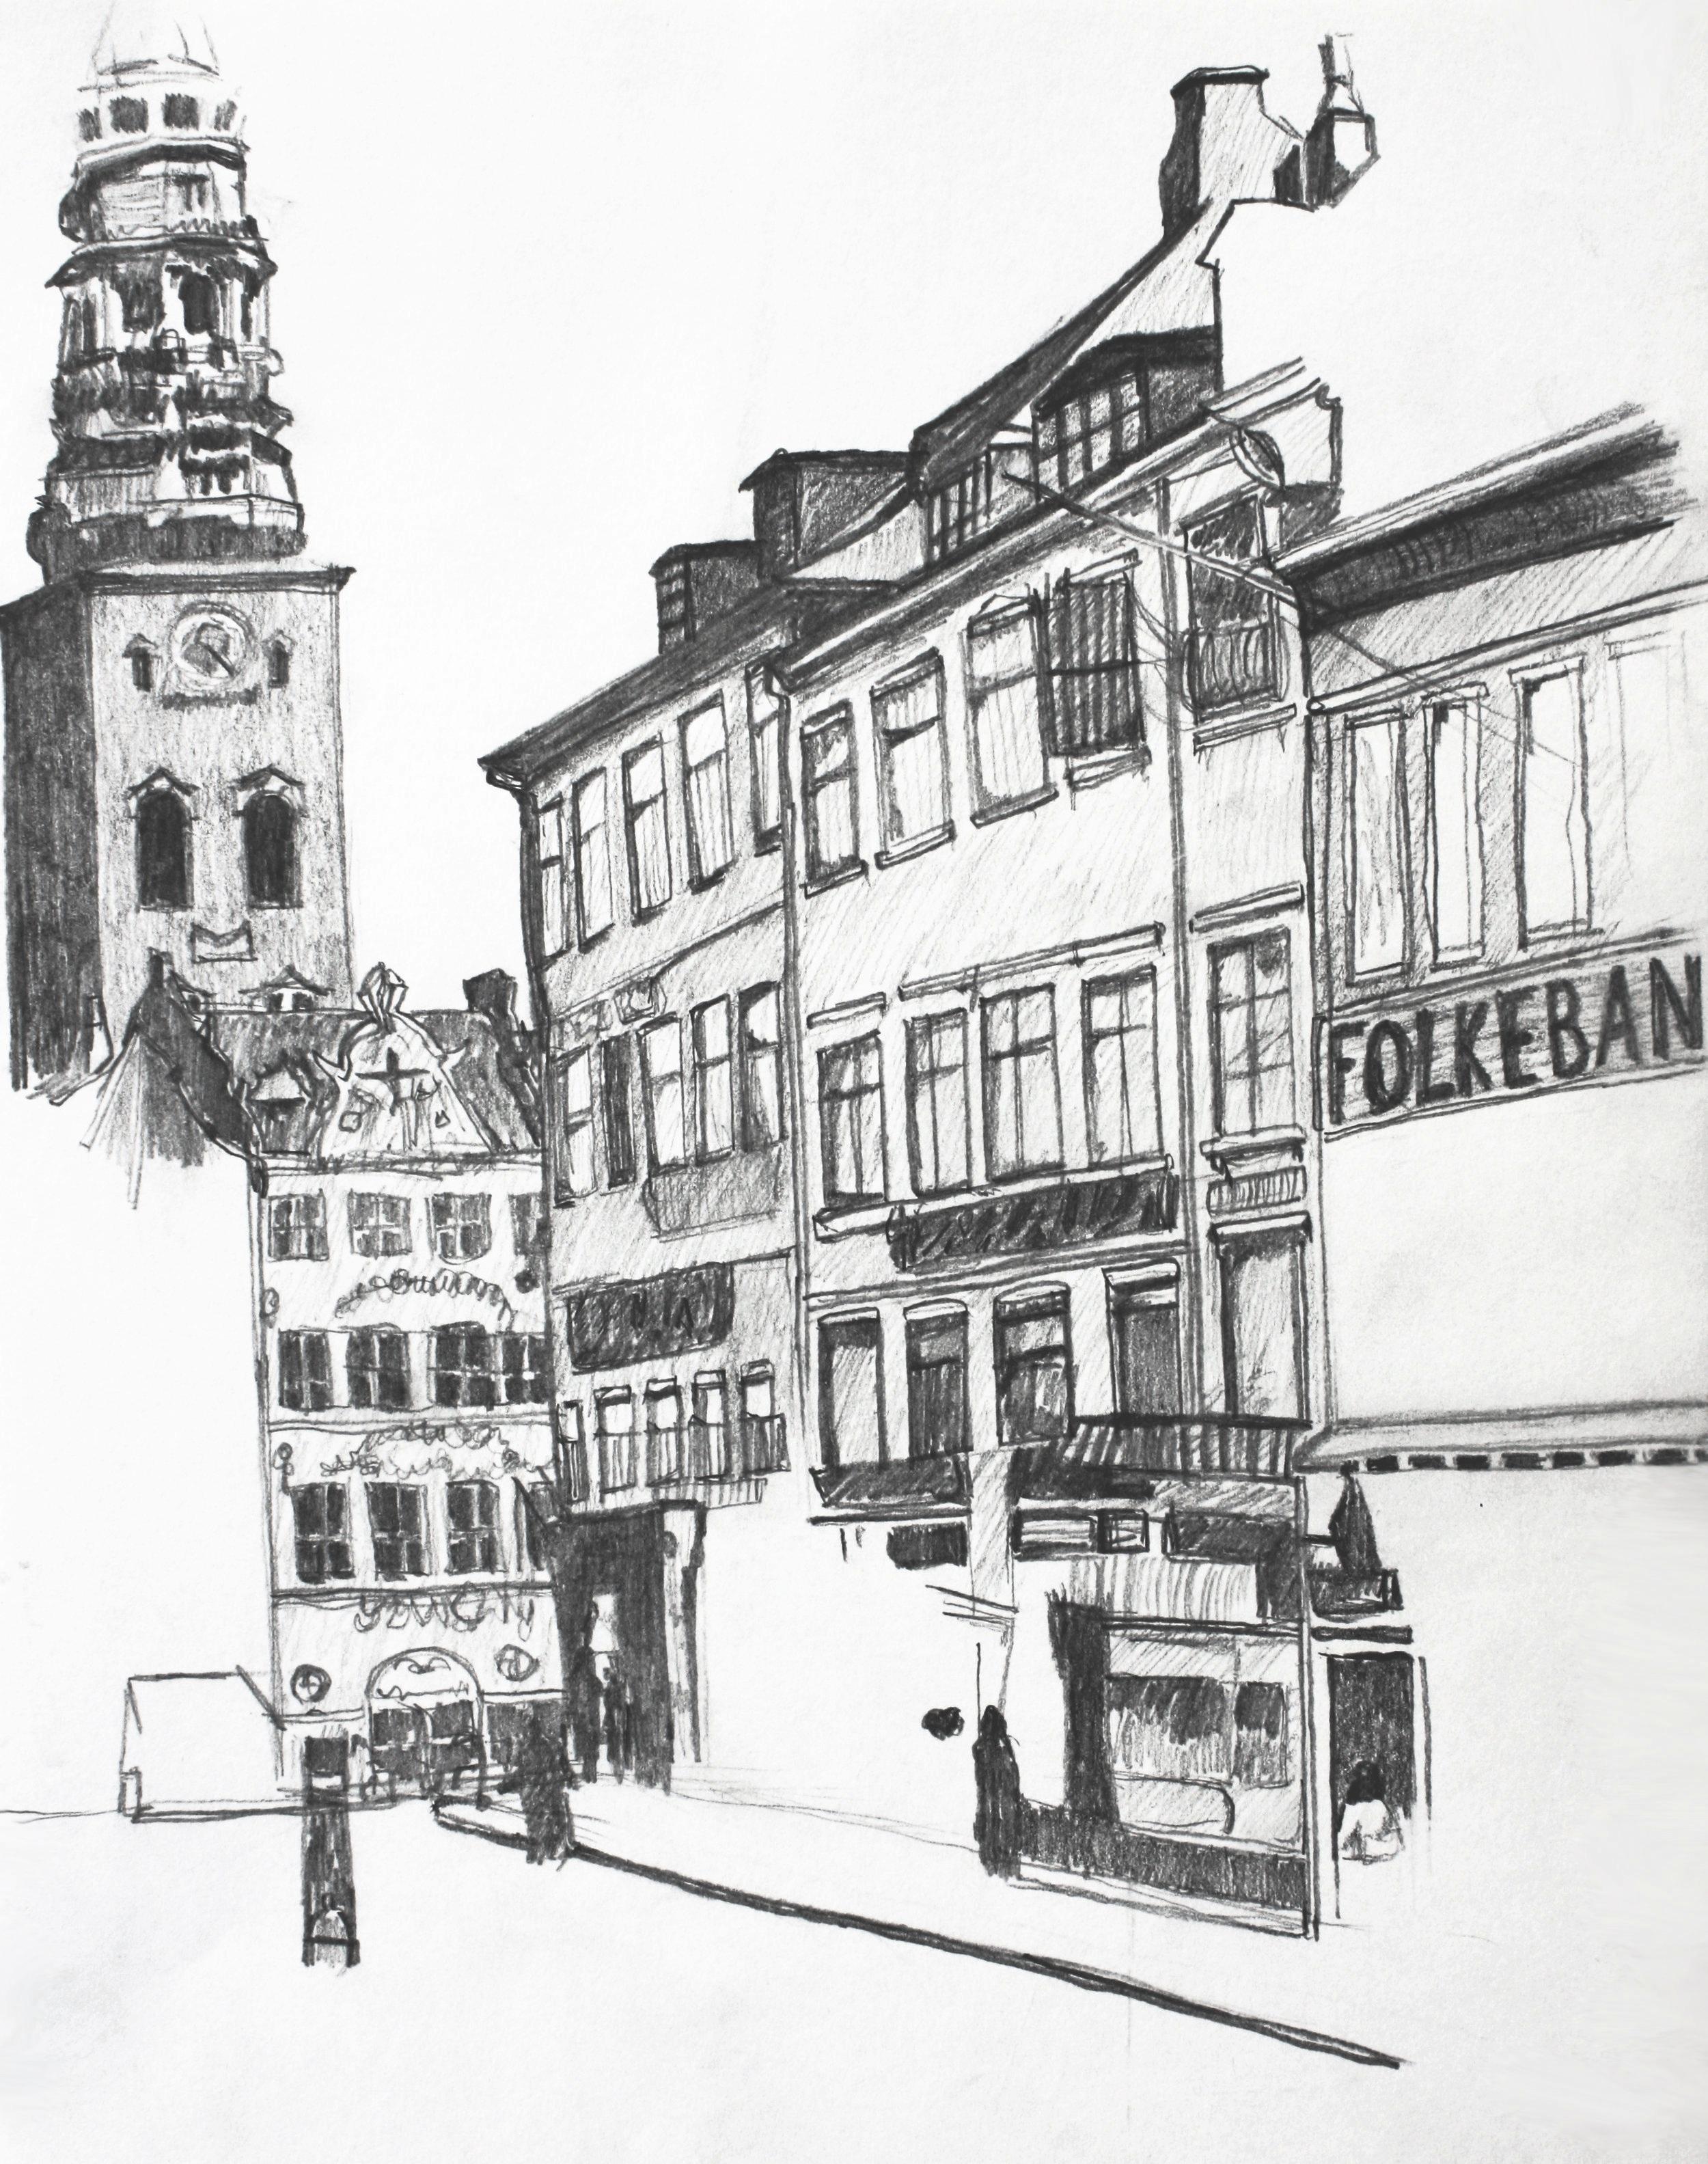 German+Buildings+Sketch.jpg